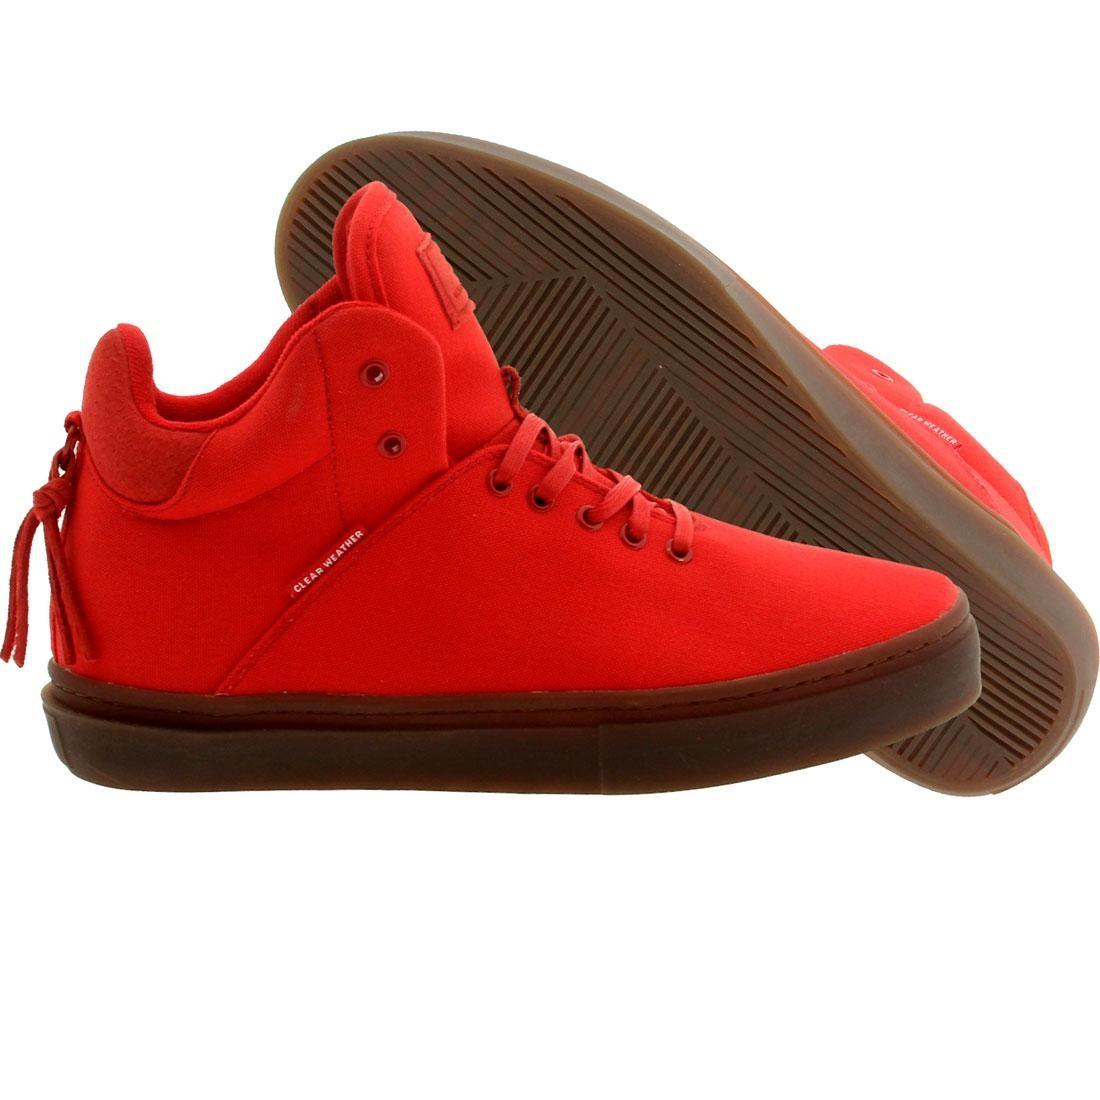 【海外限定】ミッド スニーカー メンズ靴 【 CLEAR WEATHER MEN THE ONETEN MID TOP RED 】